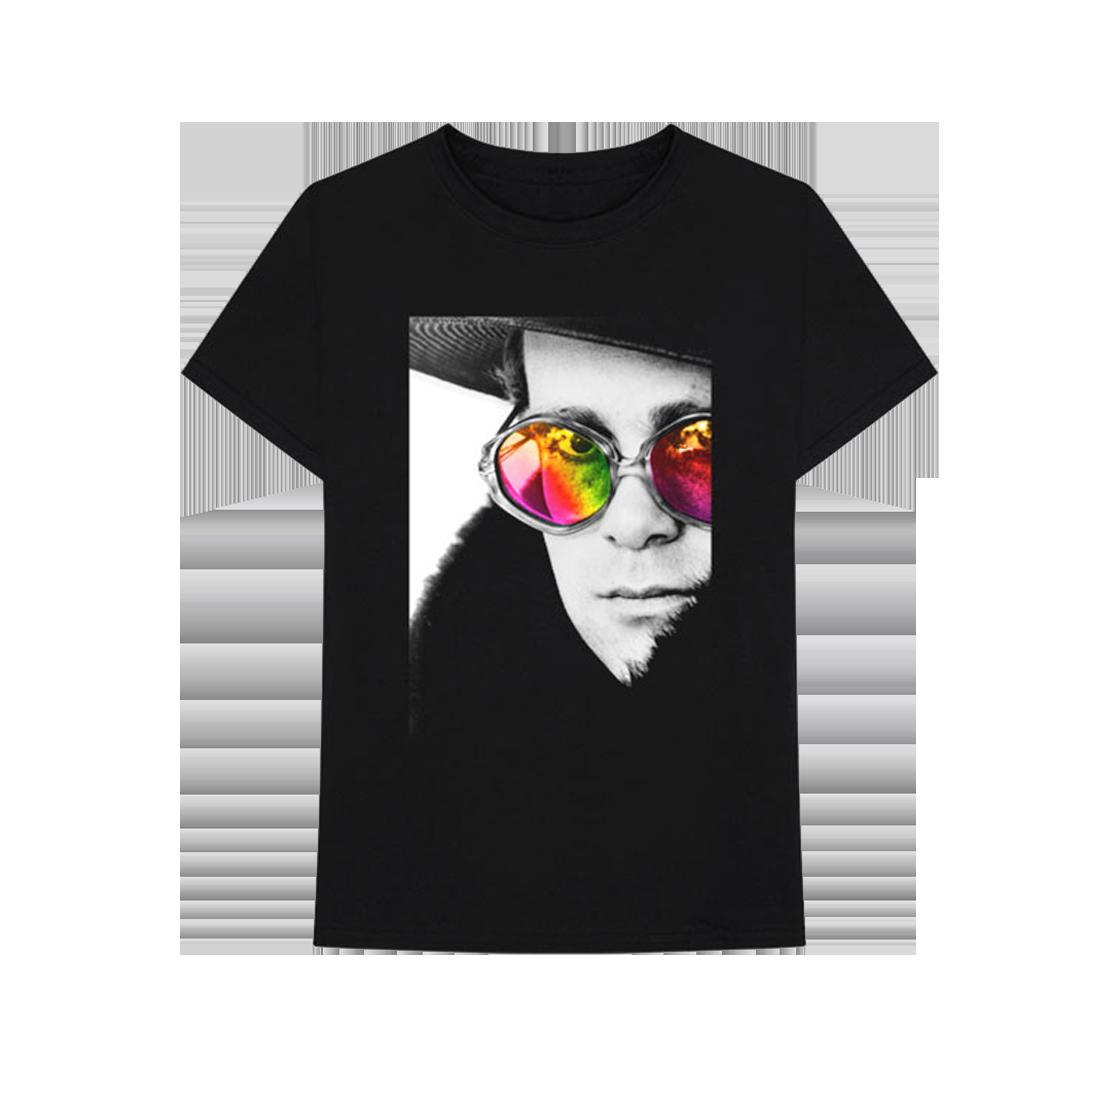 Elton John: ME T-Shirt - M